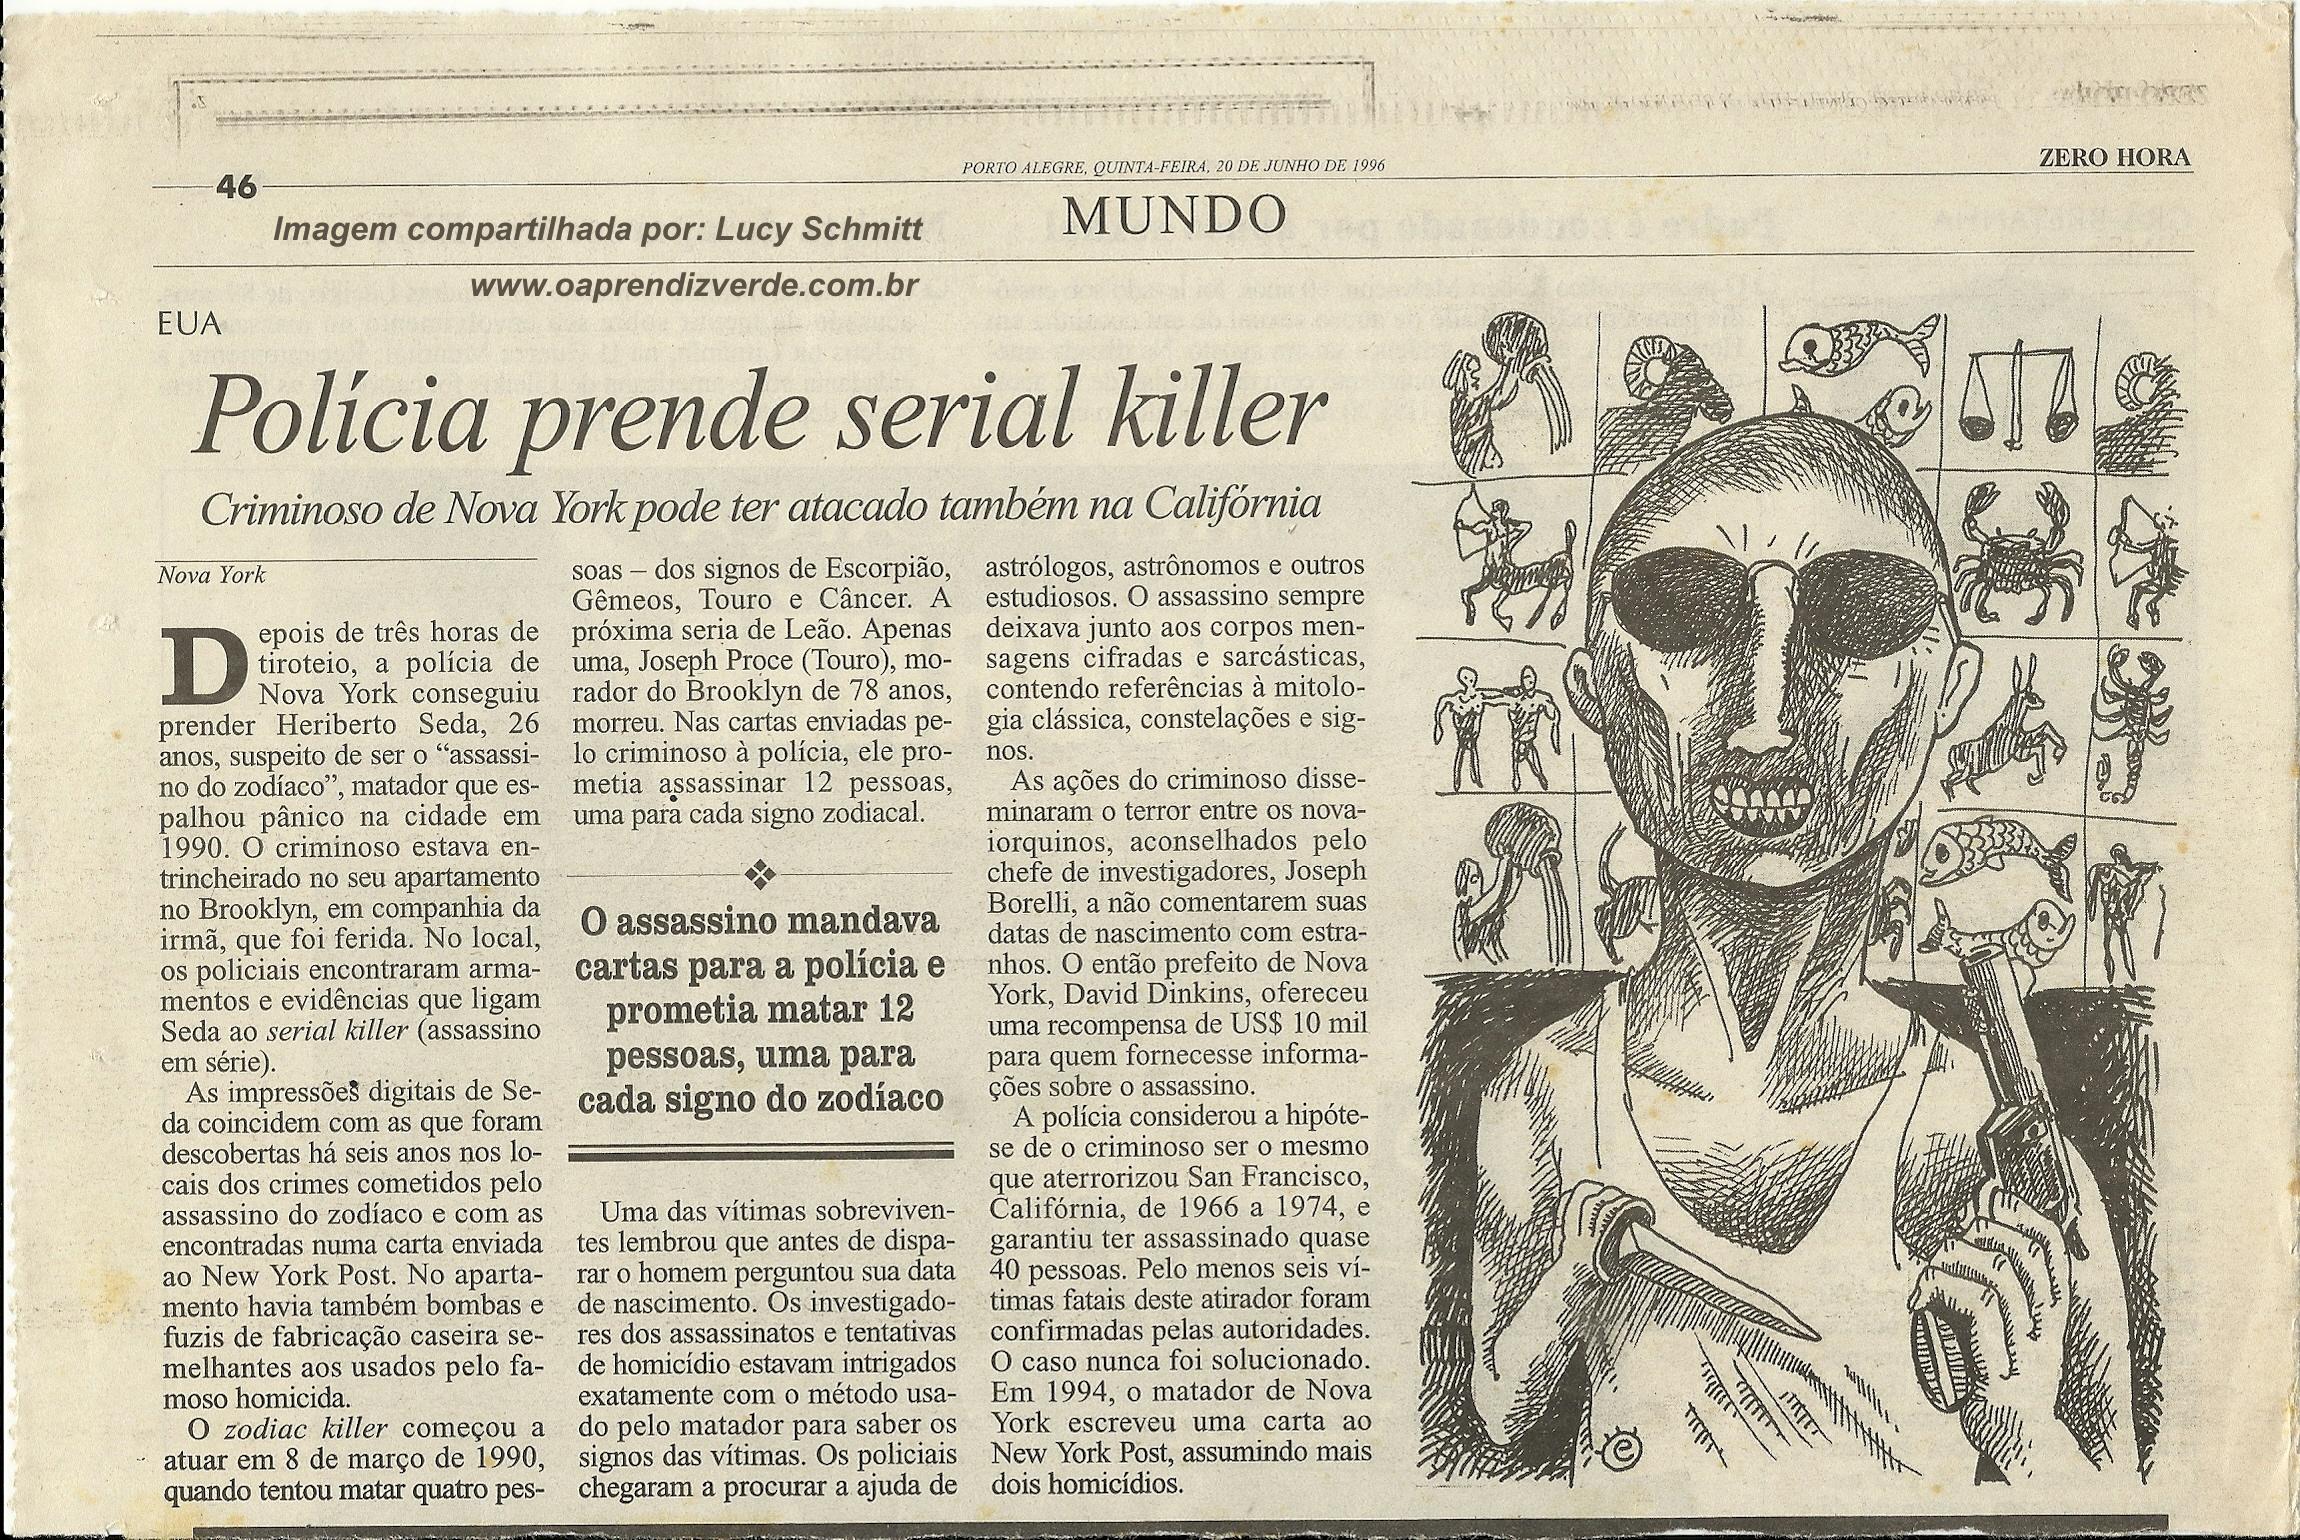 Reportagem original publicada no Jornal Zero Hora de Porto Alegre em 20 de junho de 1996. Imagem compartilhada por Lucy Schmitt.